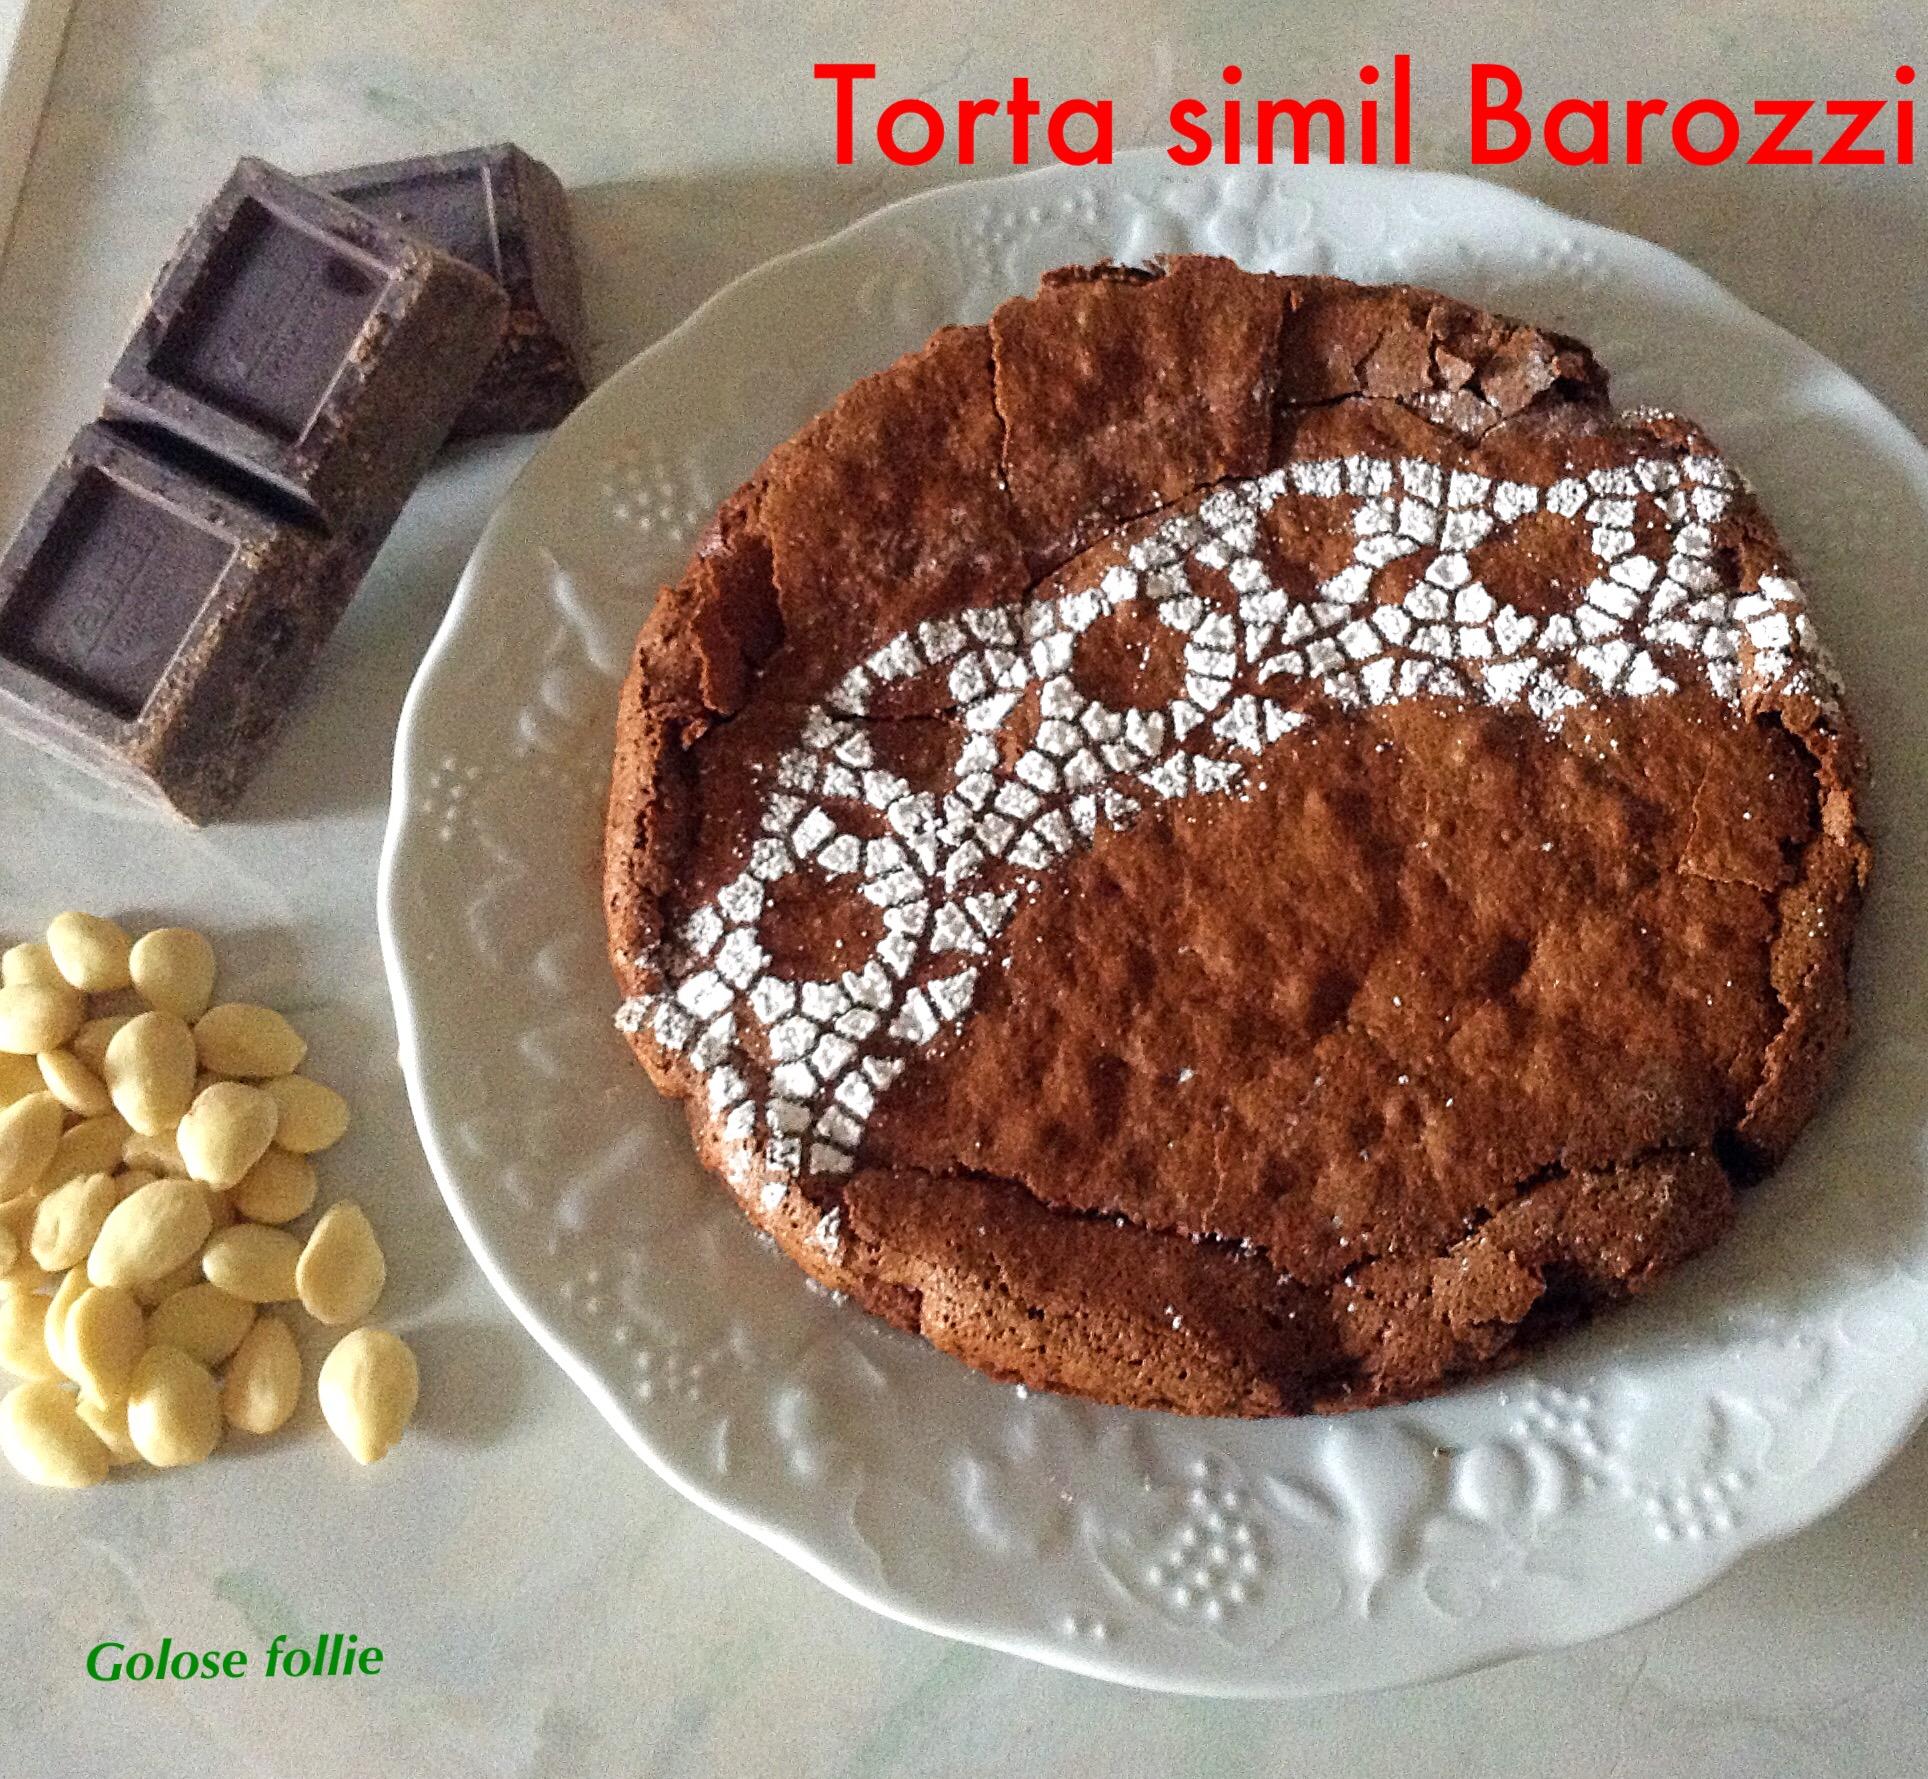 Torta simil Barozzi